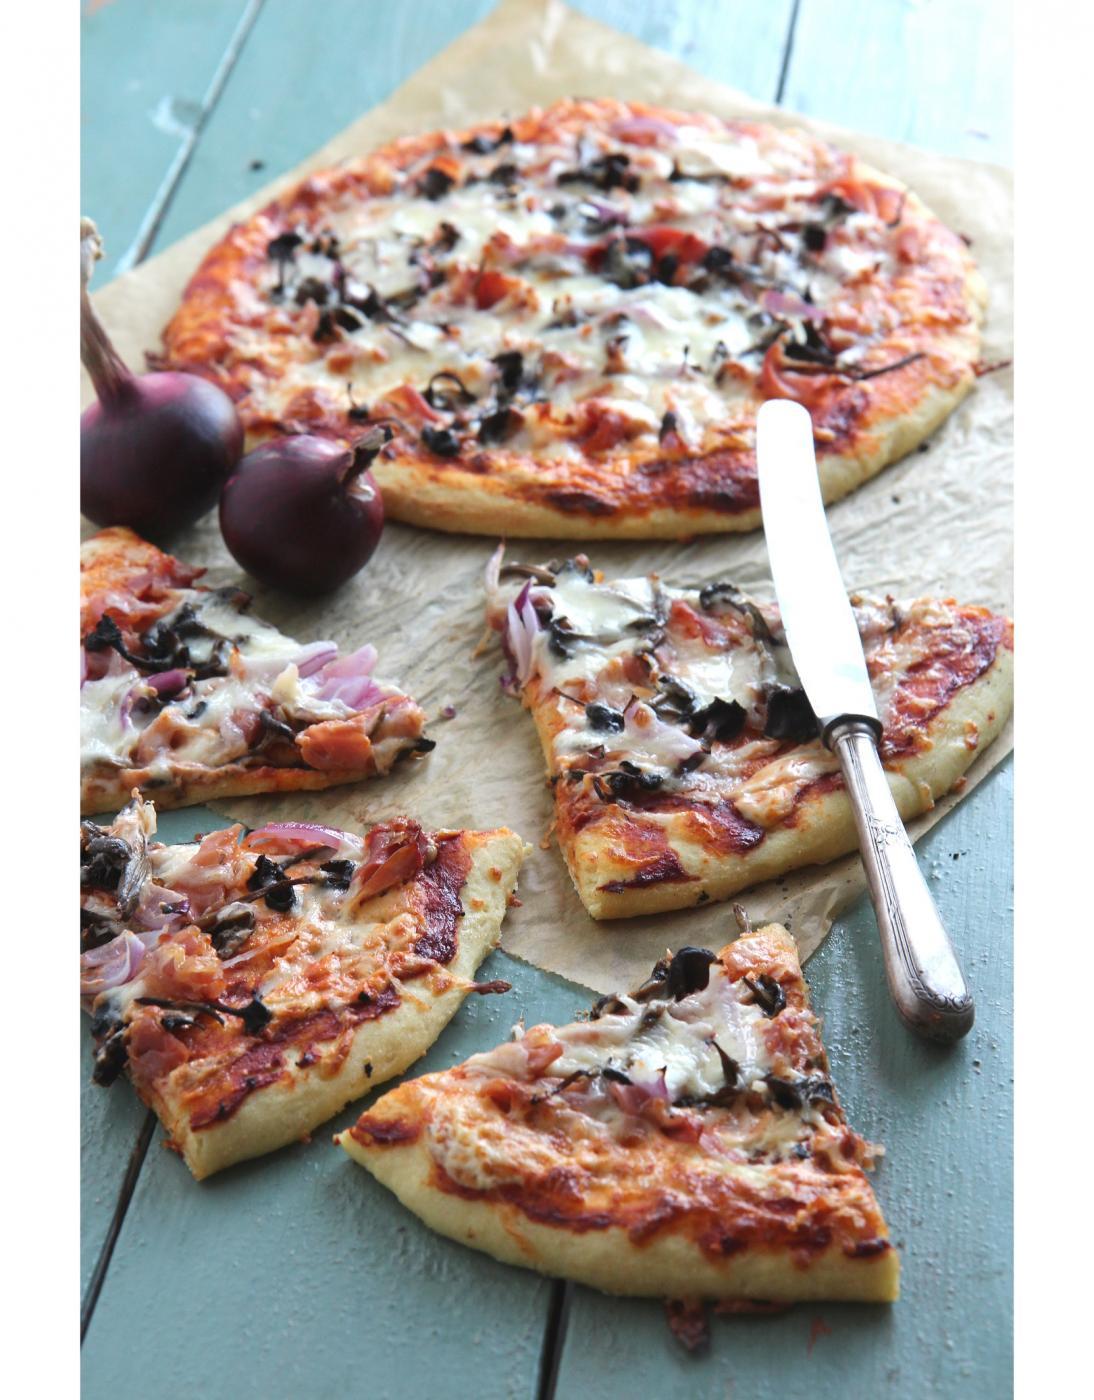 Suppilovahveroinen pizza